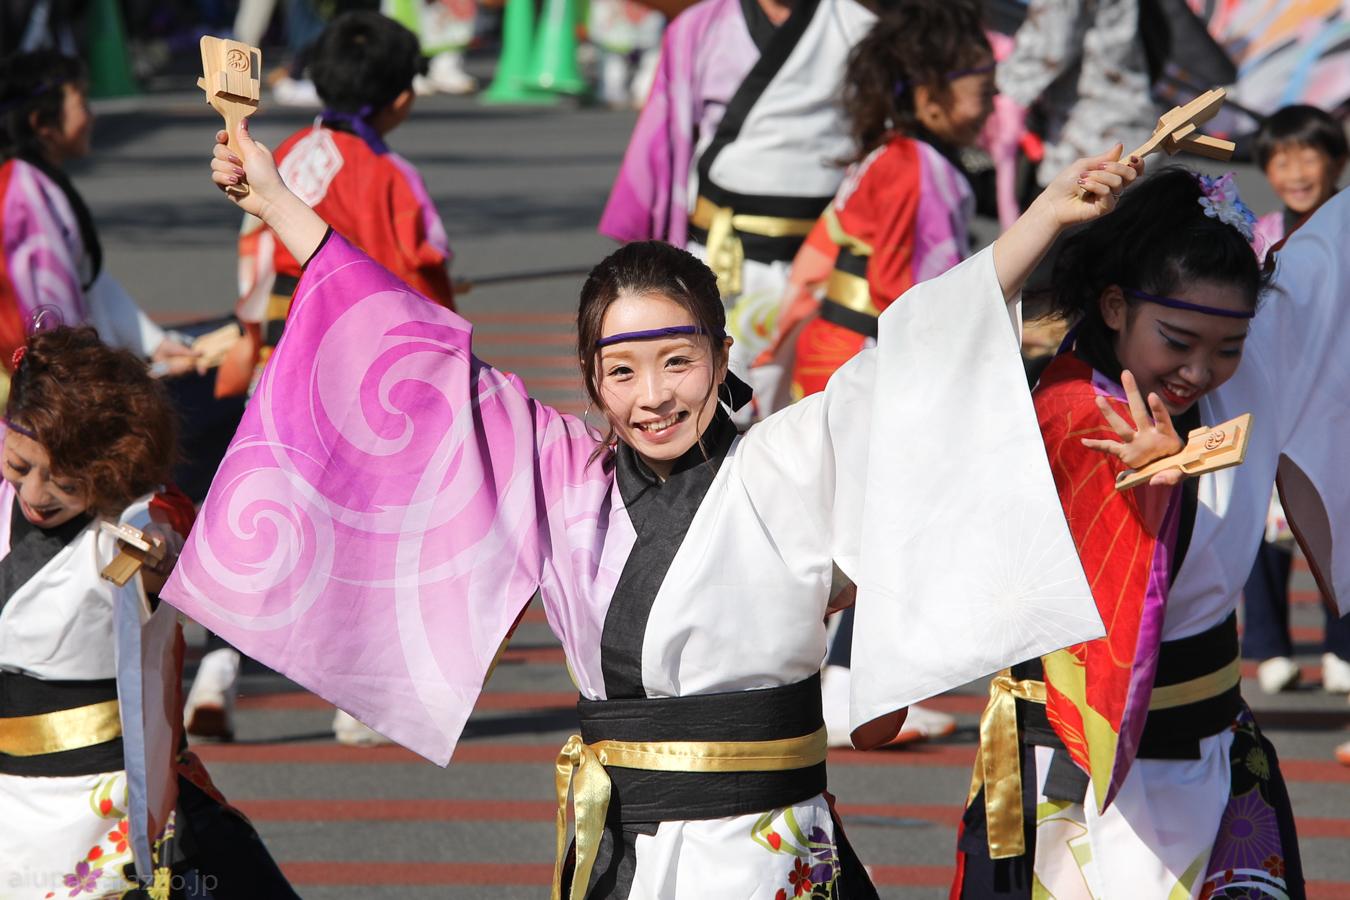 kabuki2016ran_oyachai-29.jpg